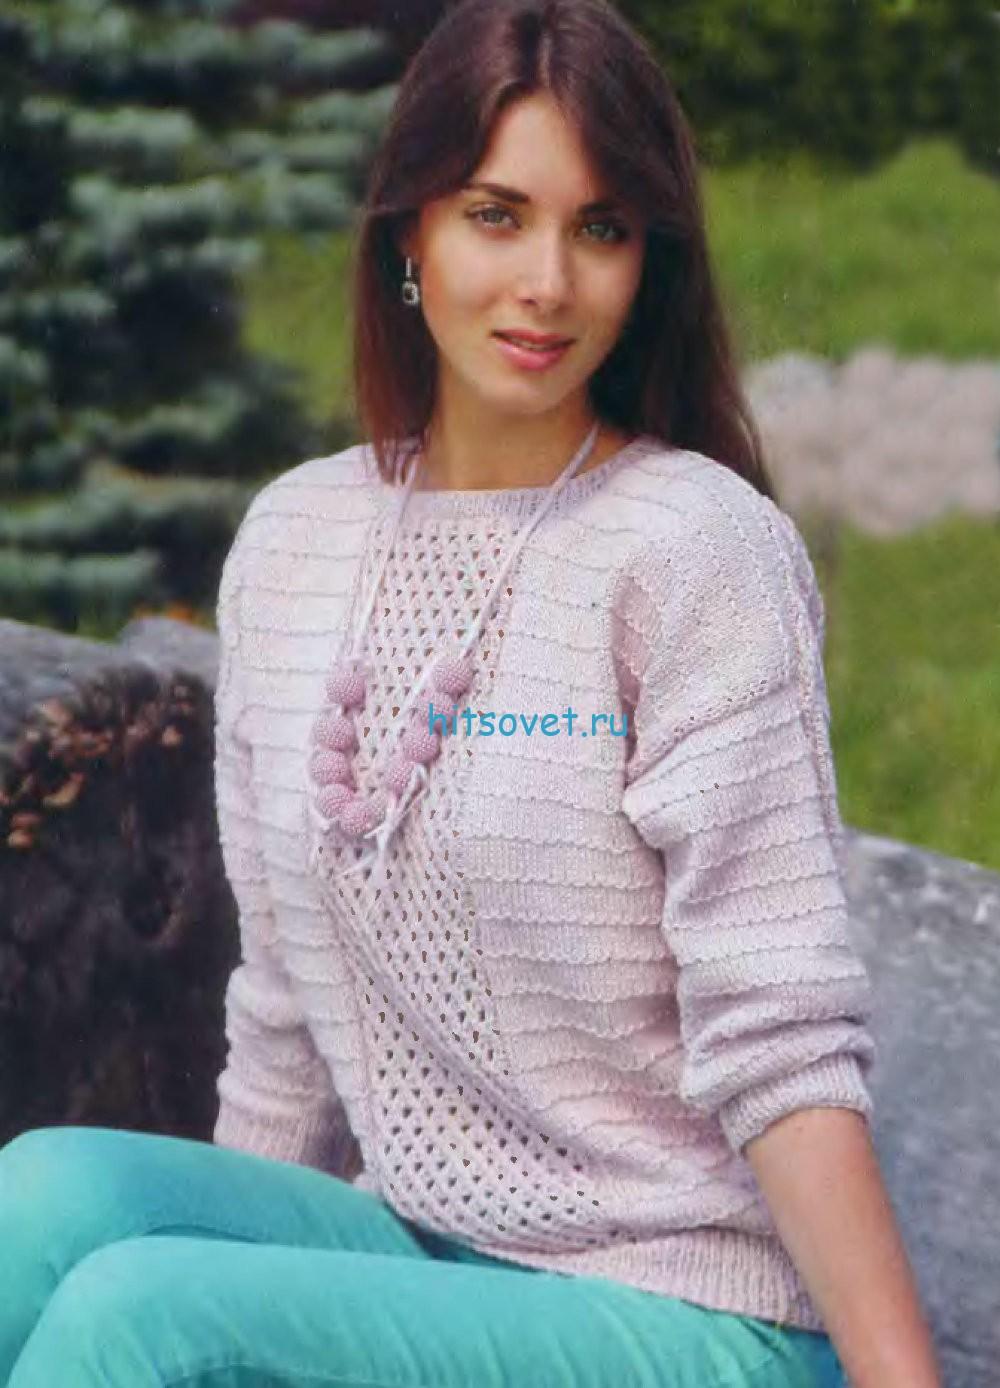 Вязание женского пуловера